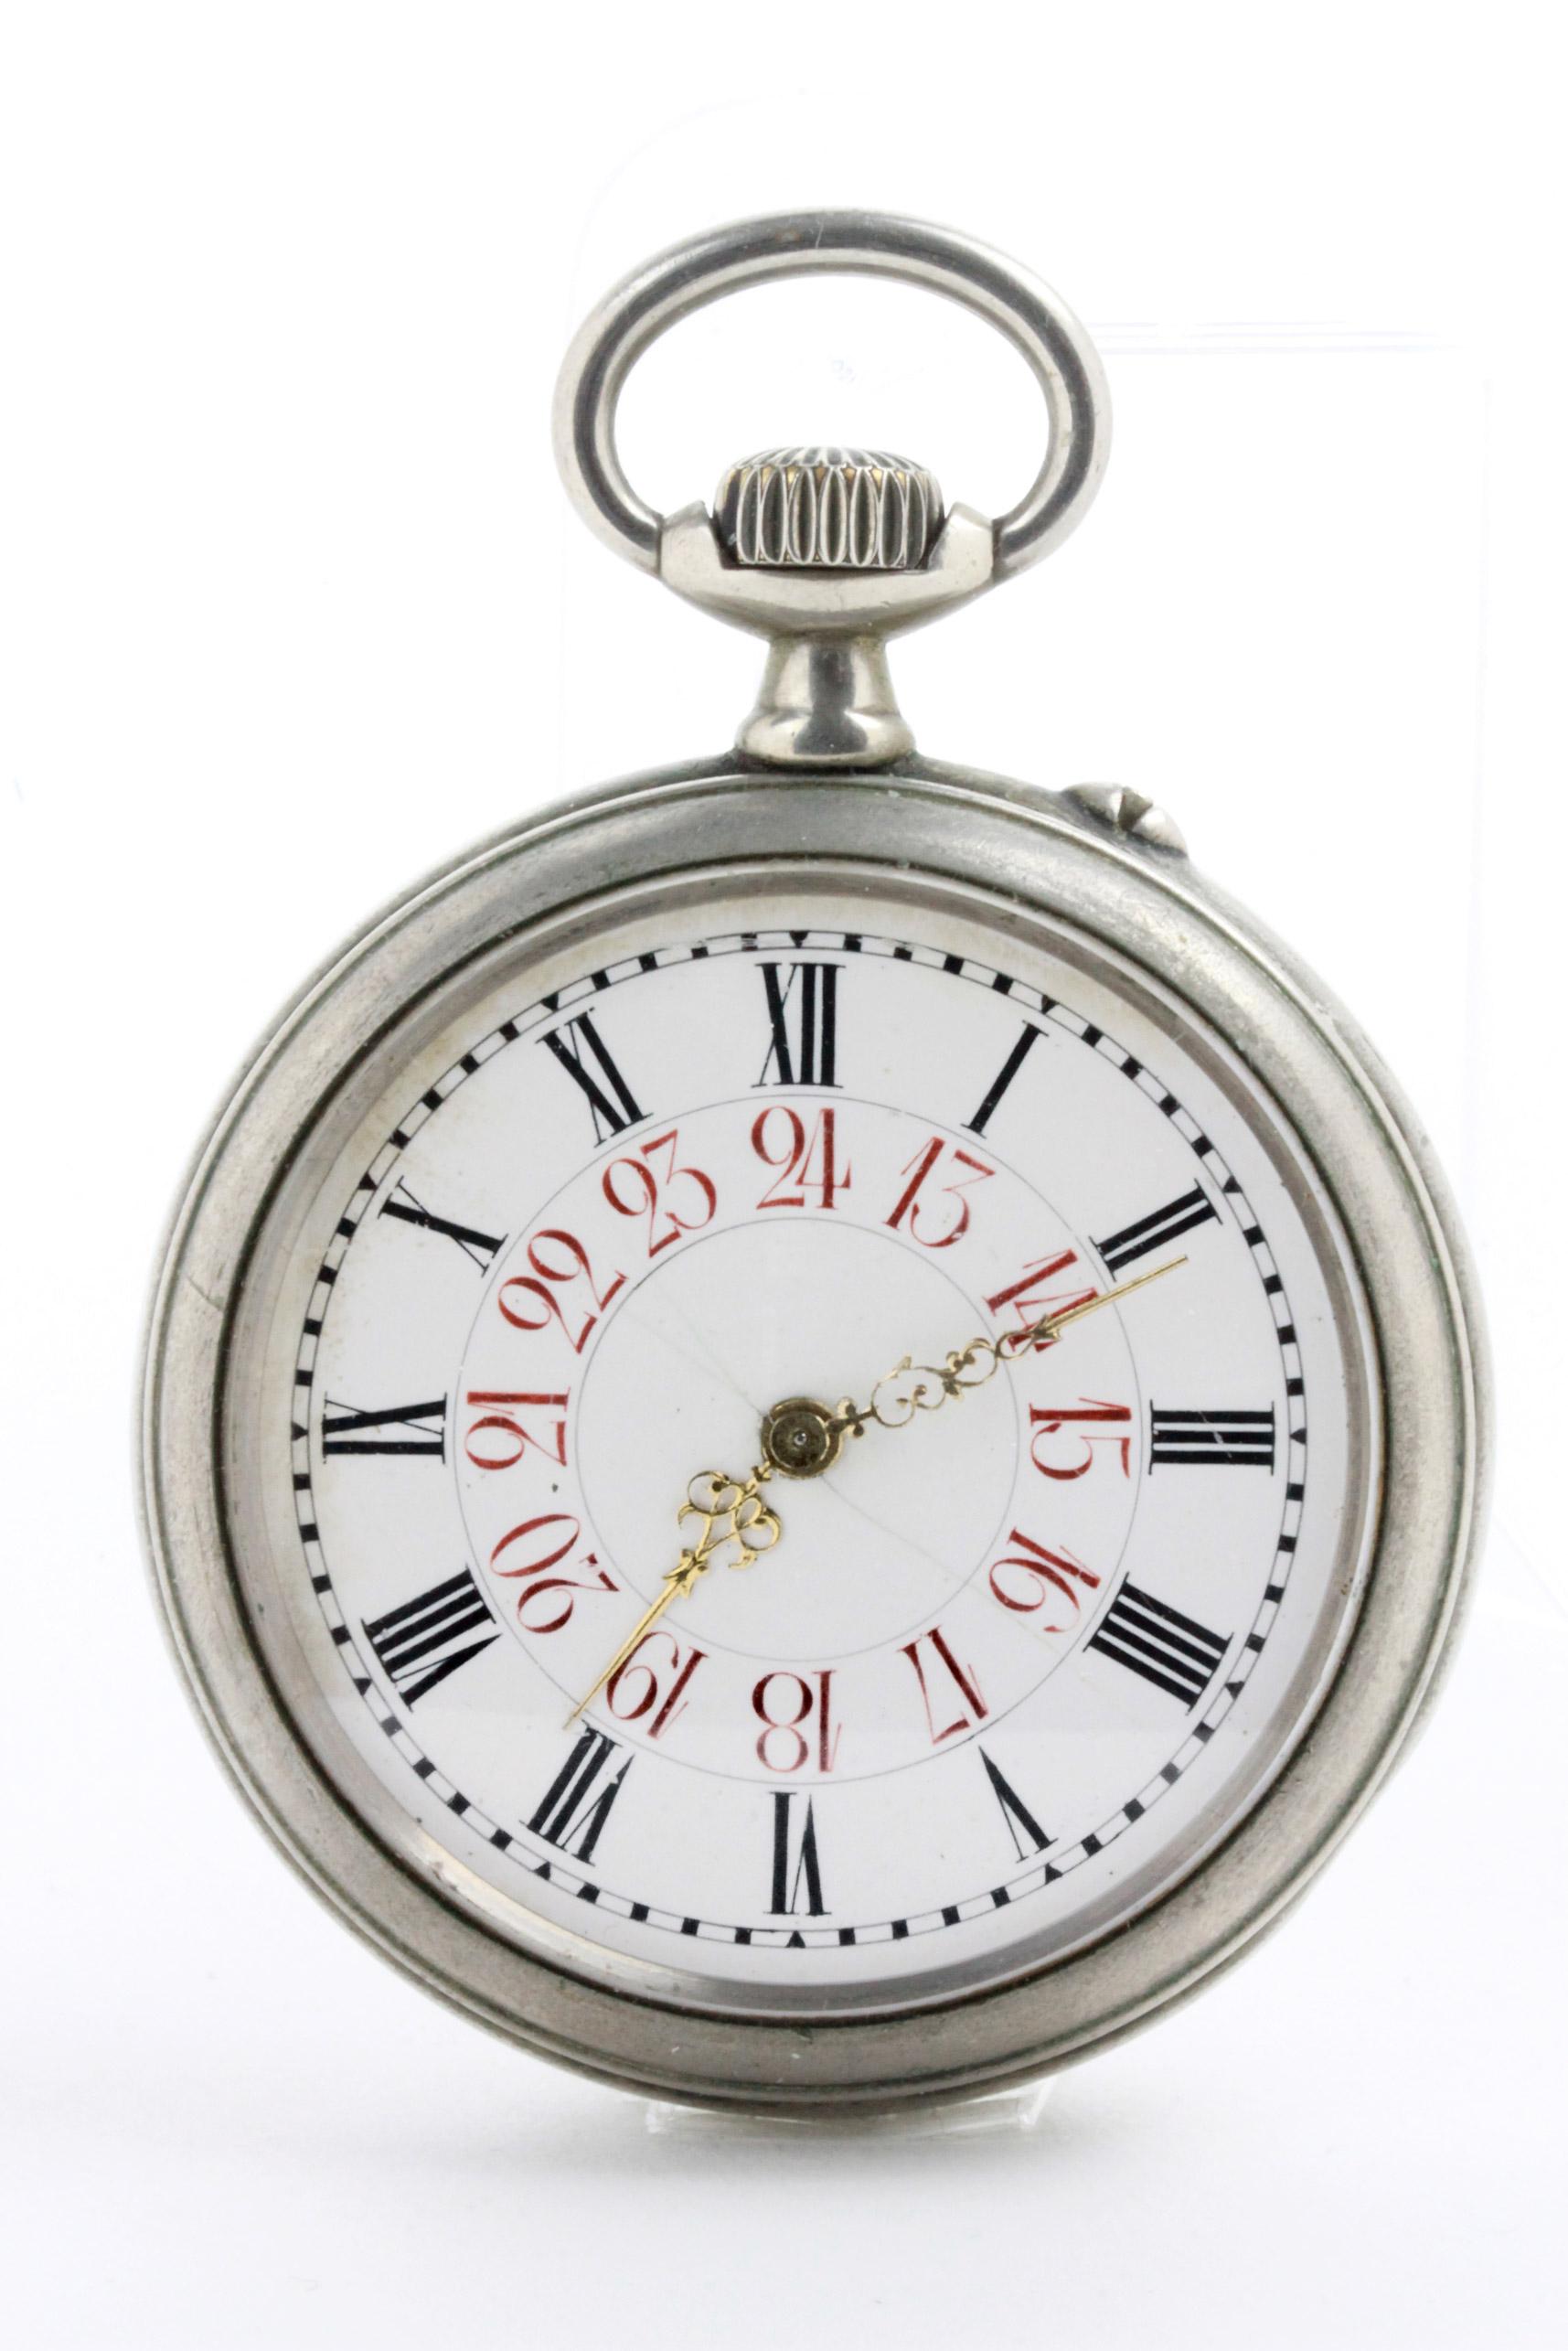 D/ Longines orologio da tasca. 54 mm. Longines orologio da tasca. (seriale 888280). Cal. marchiato Longines. Fondo con lettere R. A. incise. quadrante con secondi al centro. 54 mm.